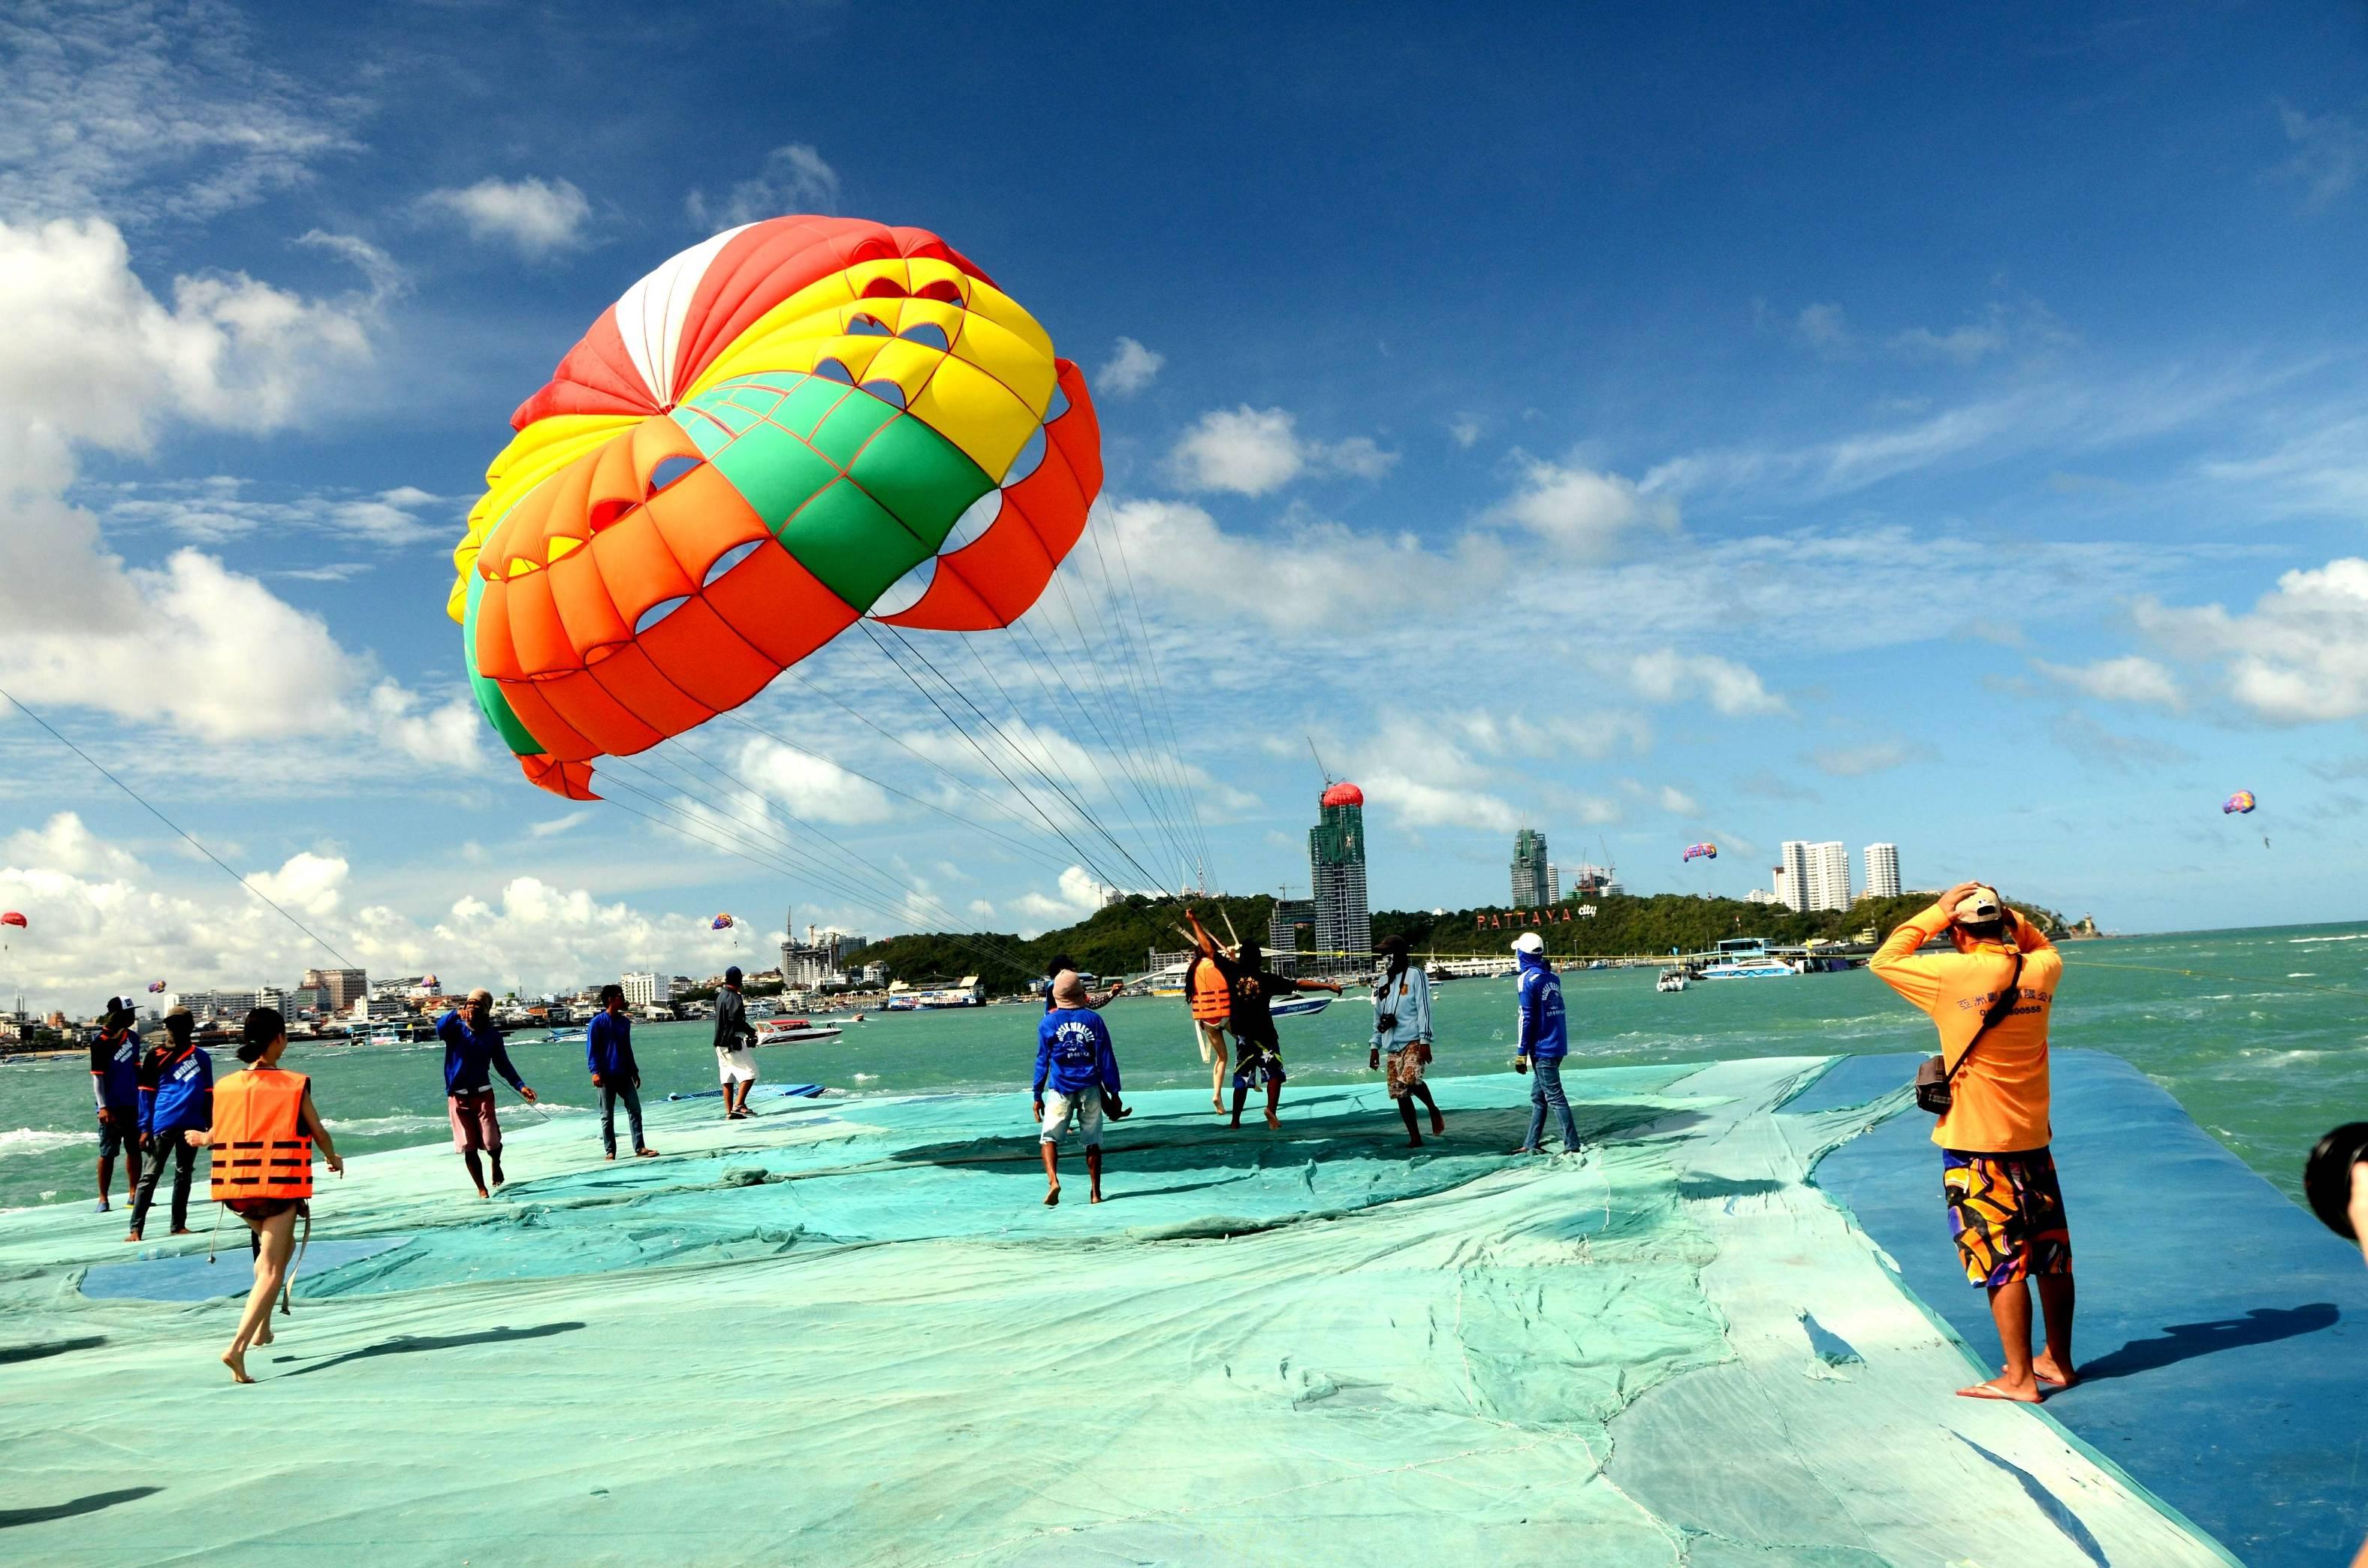 【十全十美】泰国曼谷 芭提雅 大皇宫 月光岛 56层观光塔 游轮All-star ship 双飞六天